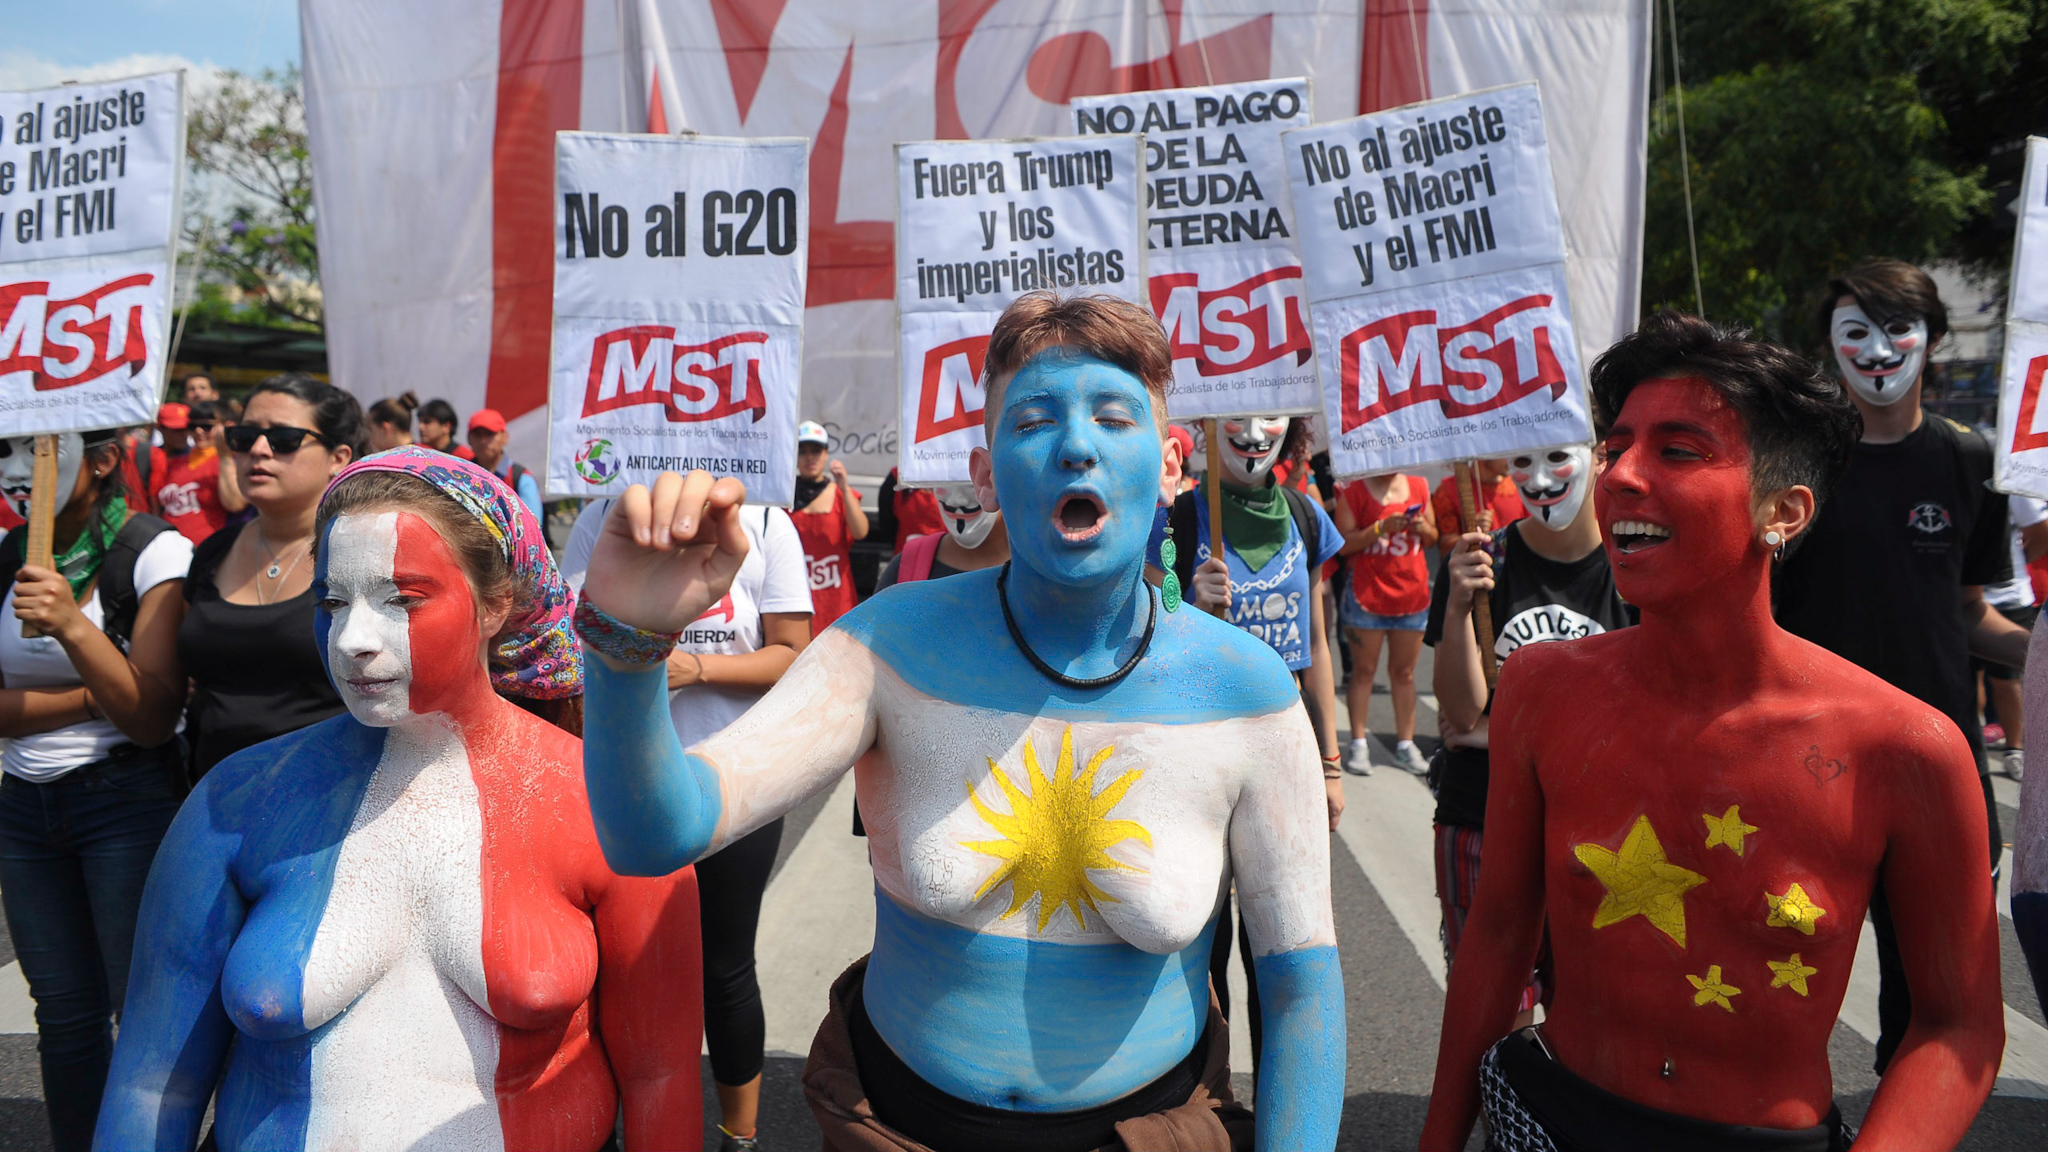 Las jóvenes se desnudaron y pintaron para repudiar la cumbre del G20